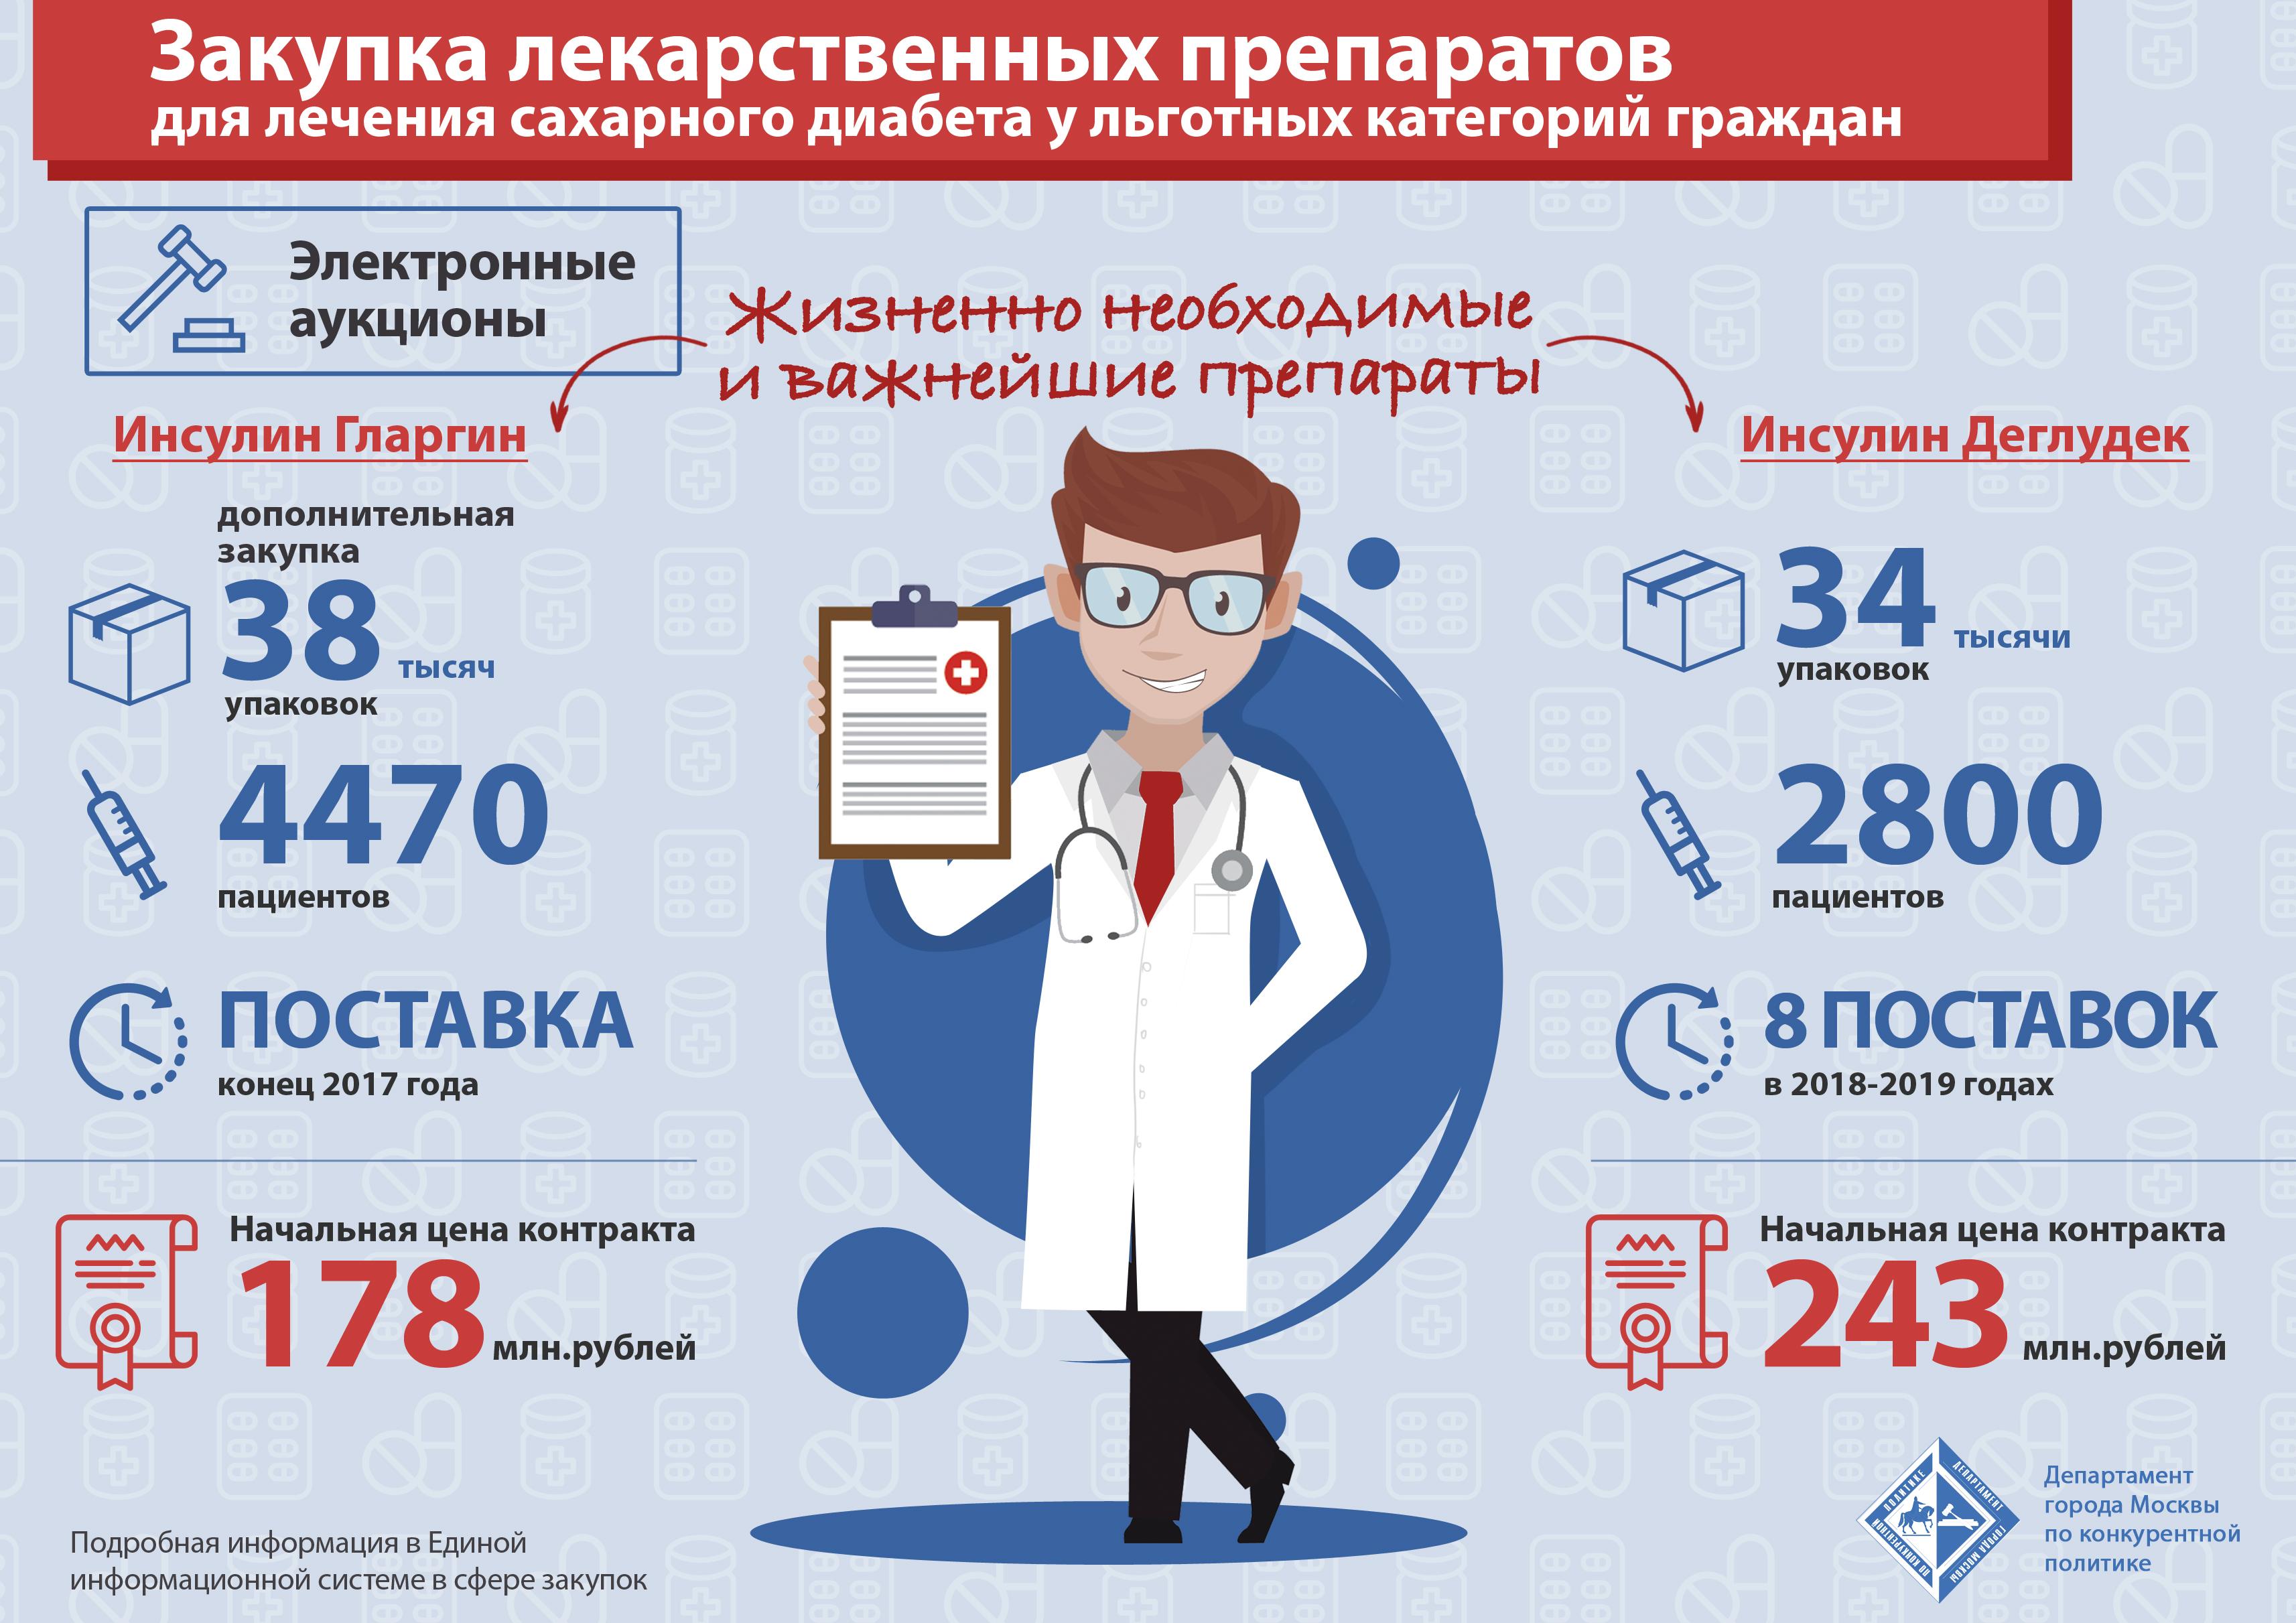 Москва закупит лекарства для 27 тысяч больных сахарным диабетом